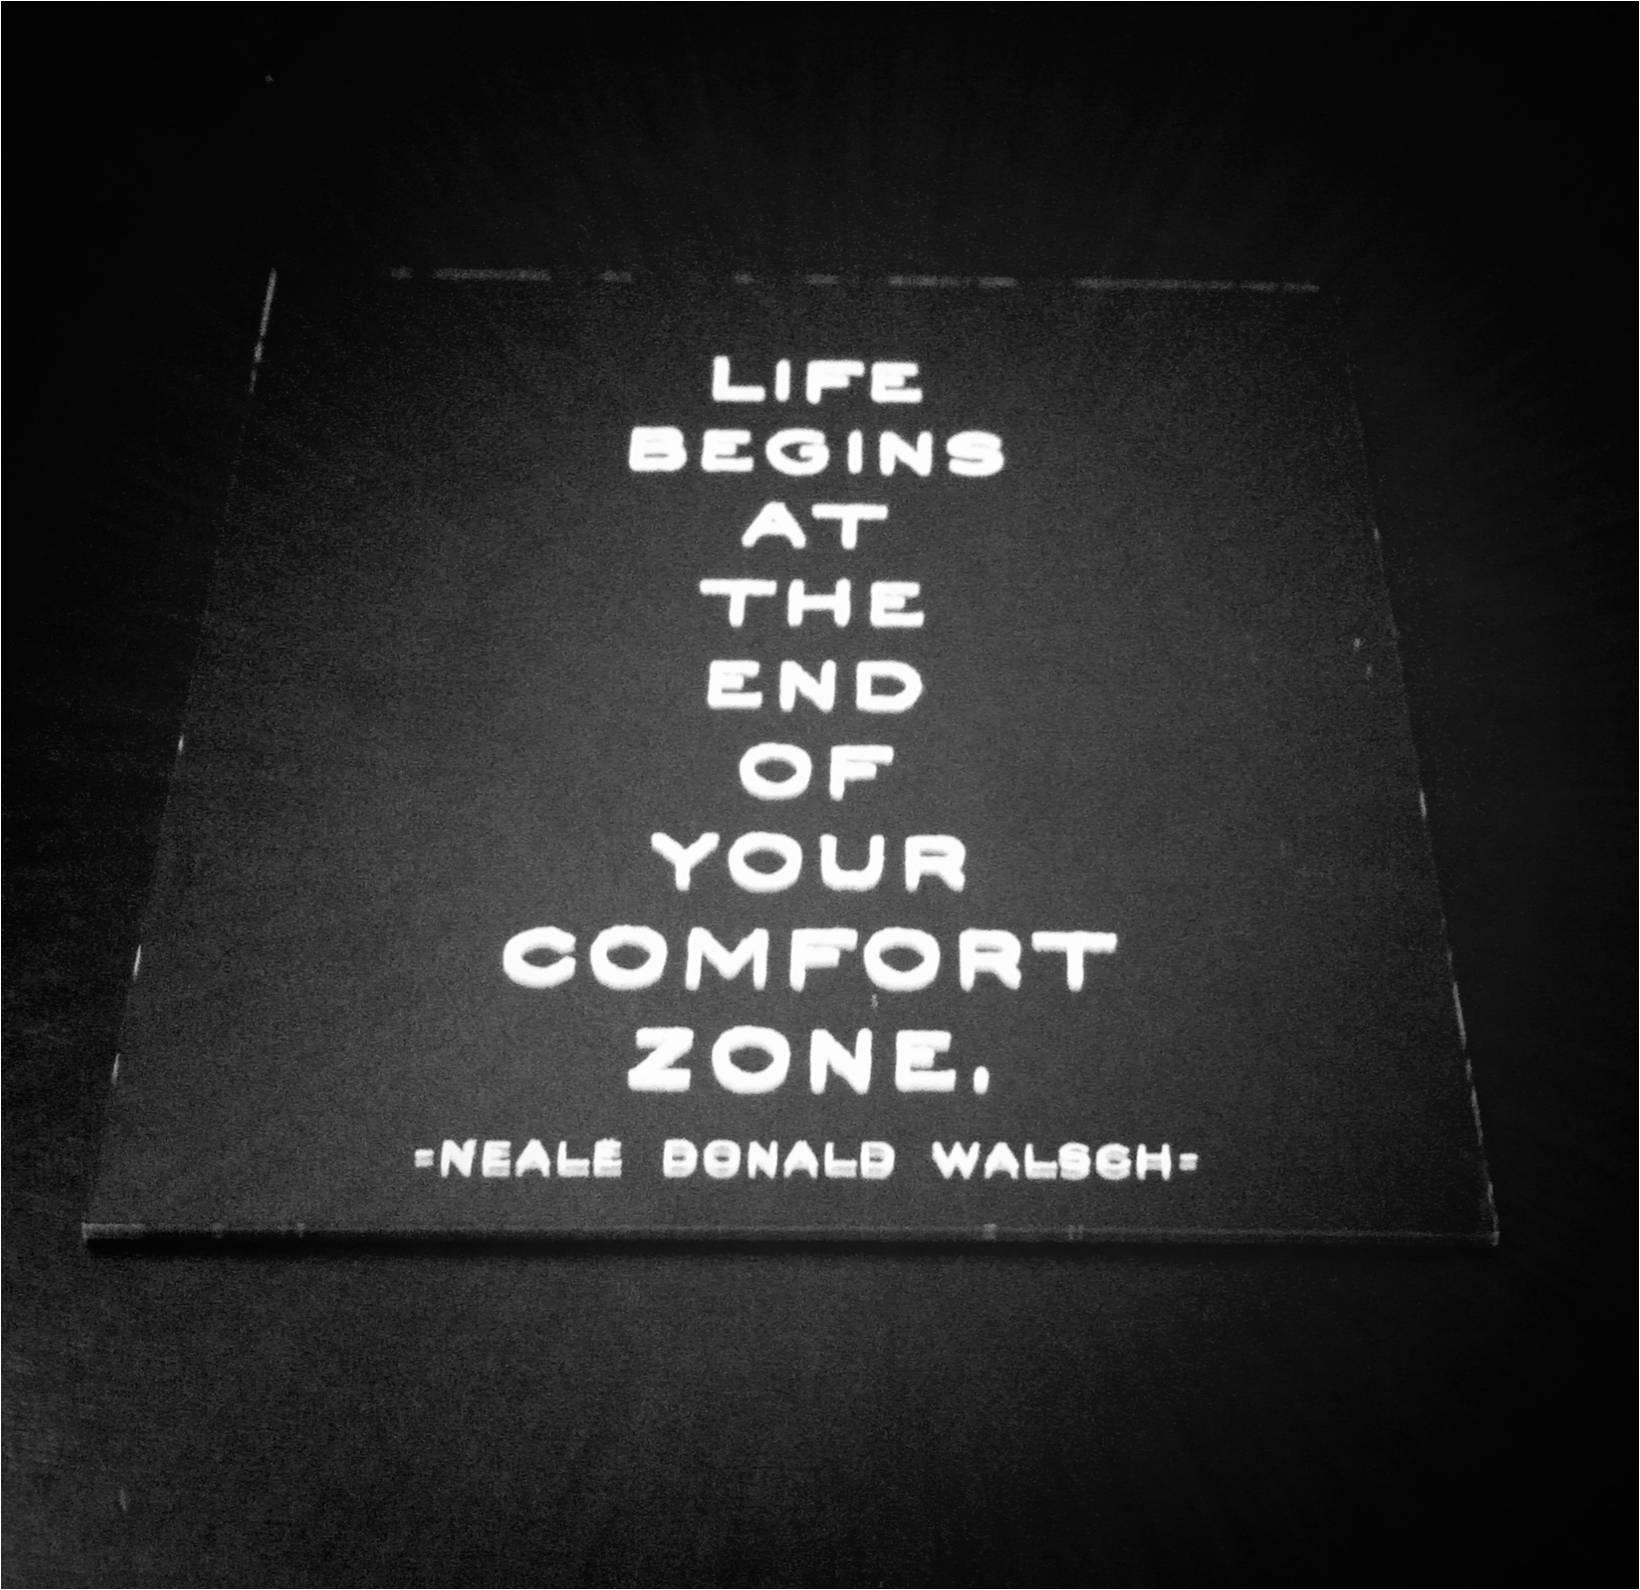 Encourage quote #2